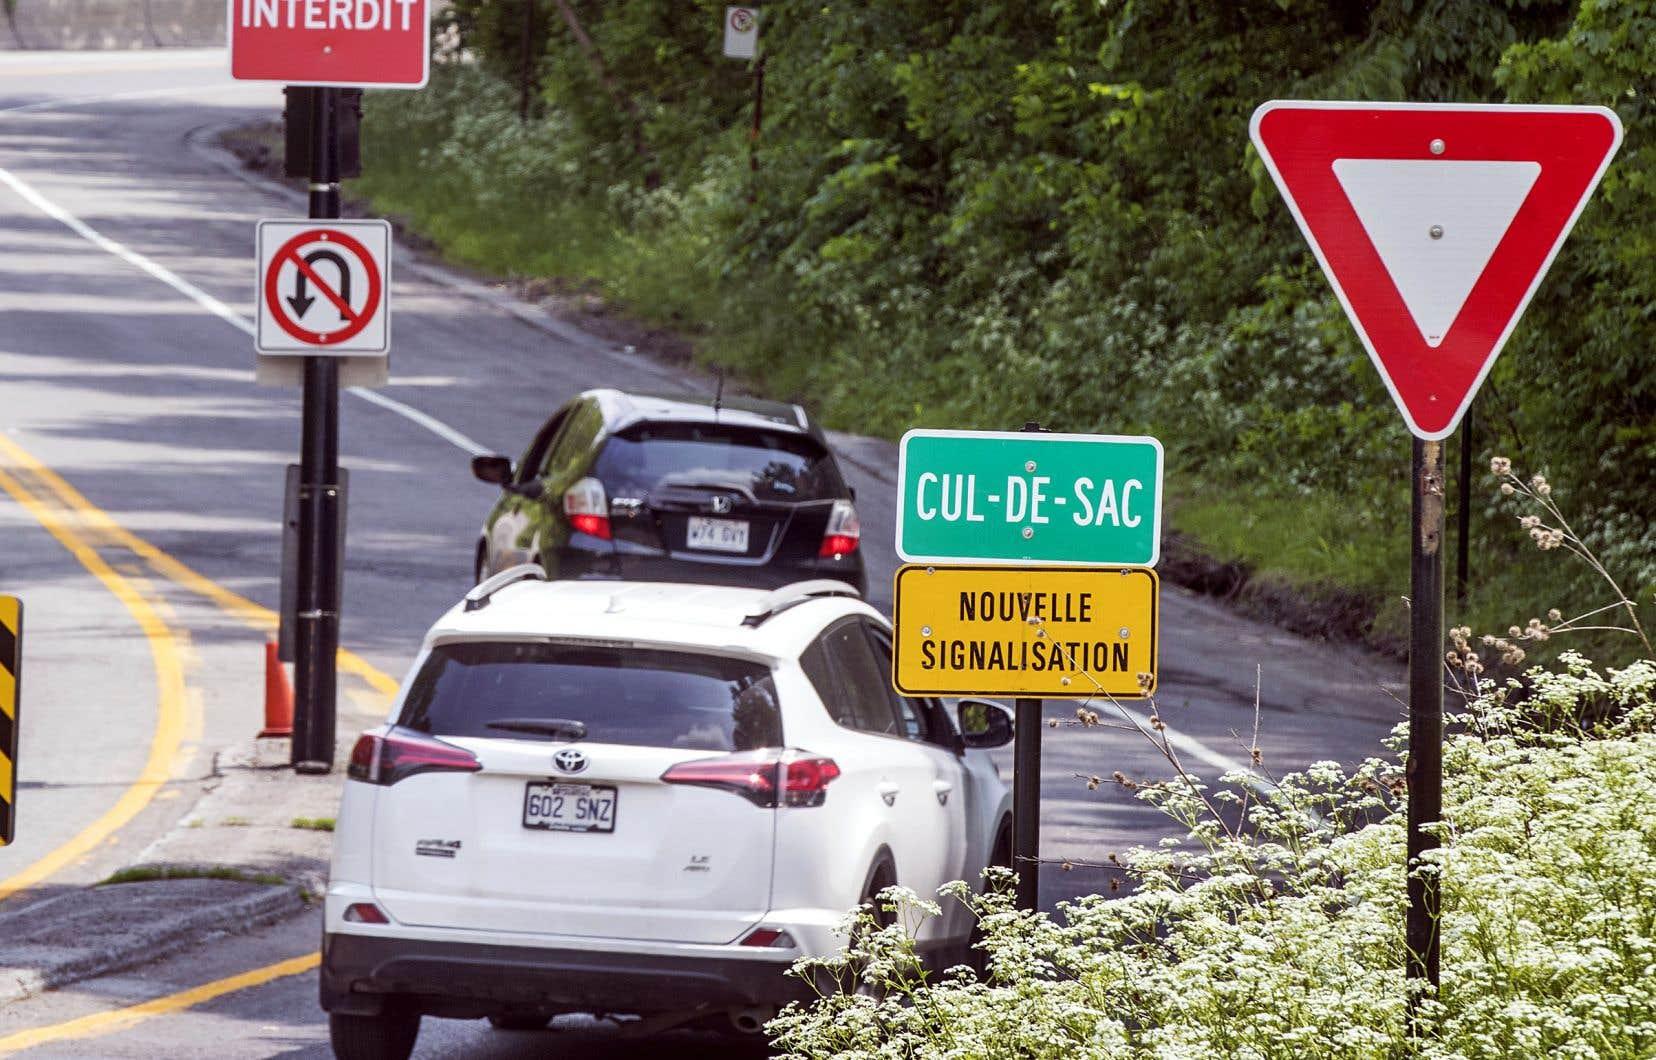 À l'entrée du parc du Mont-Royal, un panneau indique désormais que la voie Camillien-Houde est un cul-de-sac.